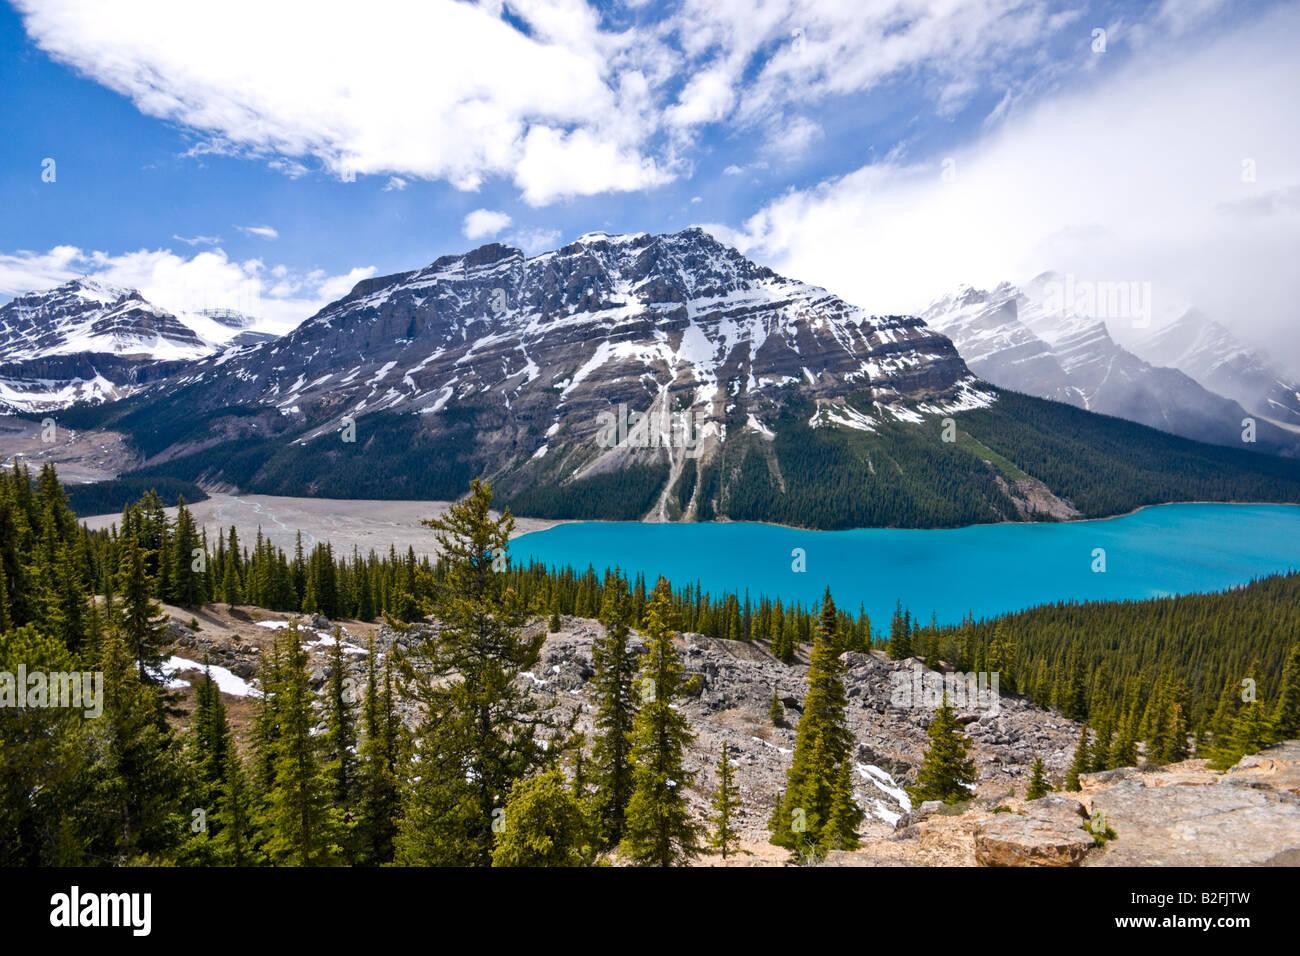 Il Lago Peyto visto dal Vertice di prua nel Parco Nazionale di Banff in Canada su un soleggiato giugno data Immagini Stock